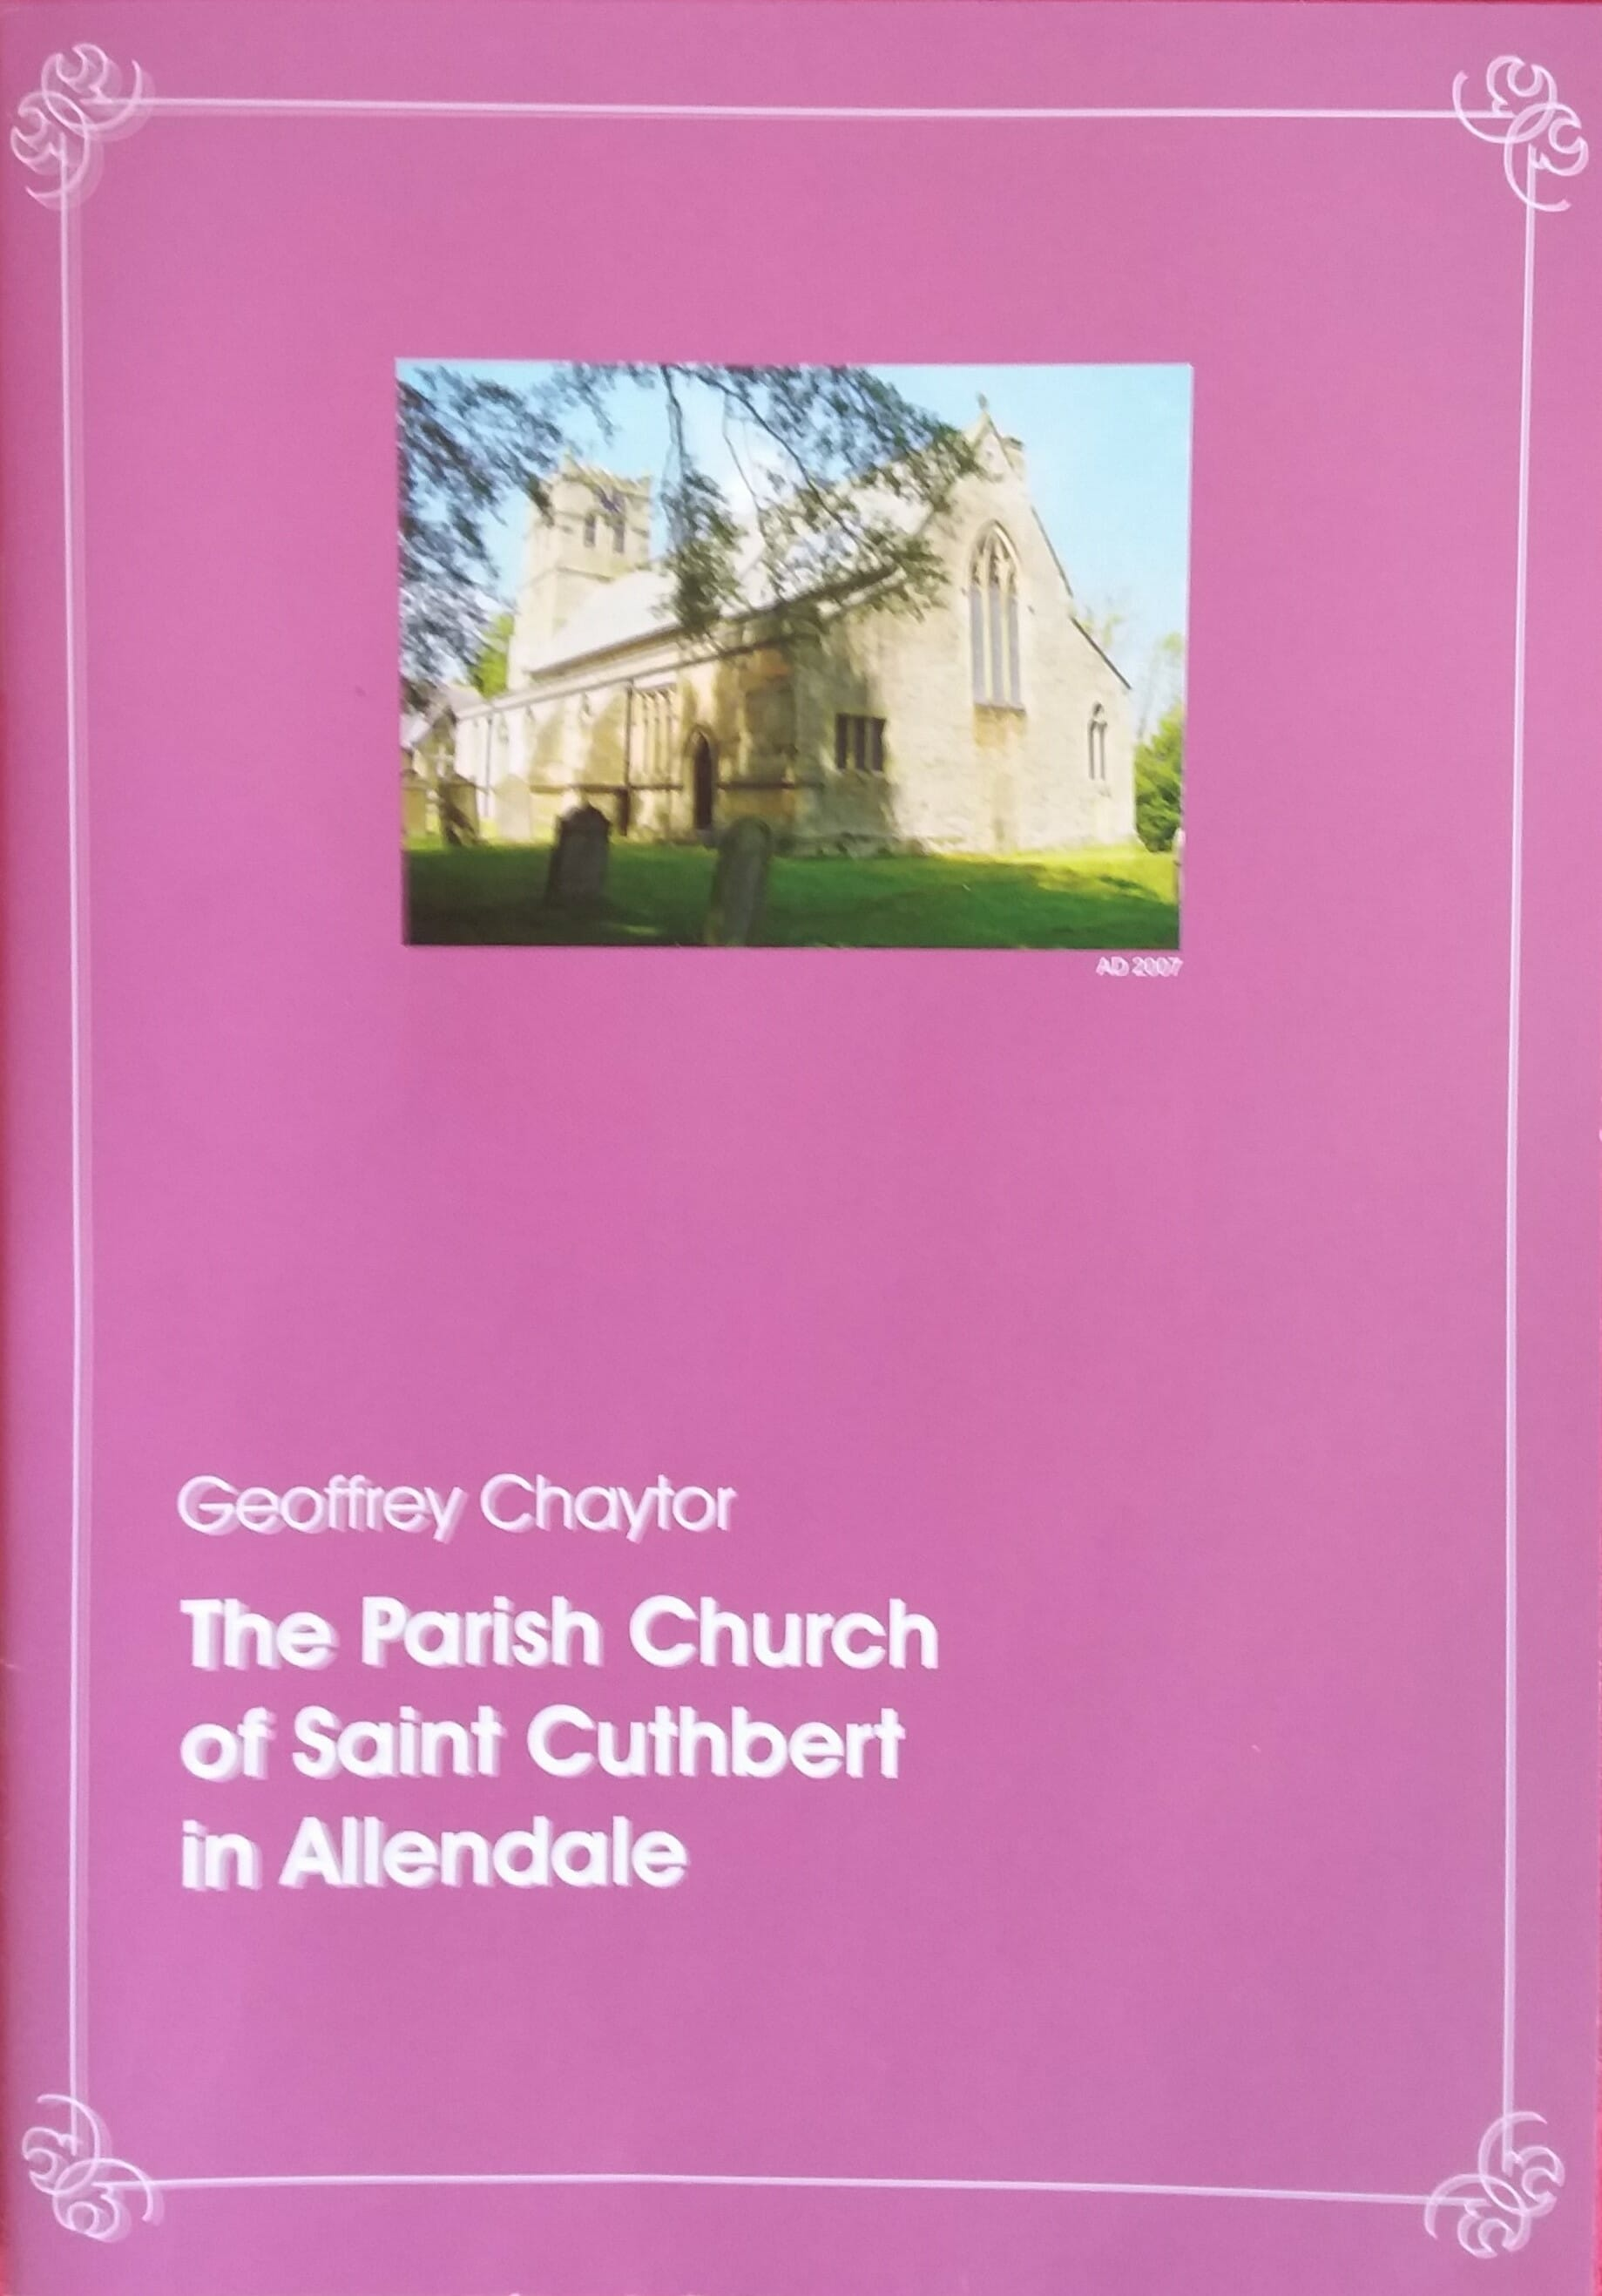 St Cuthbert's History Book